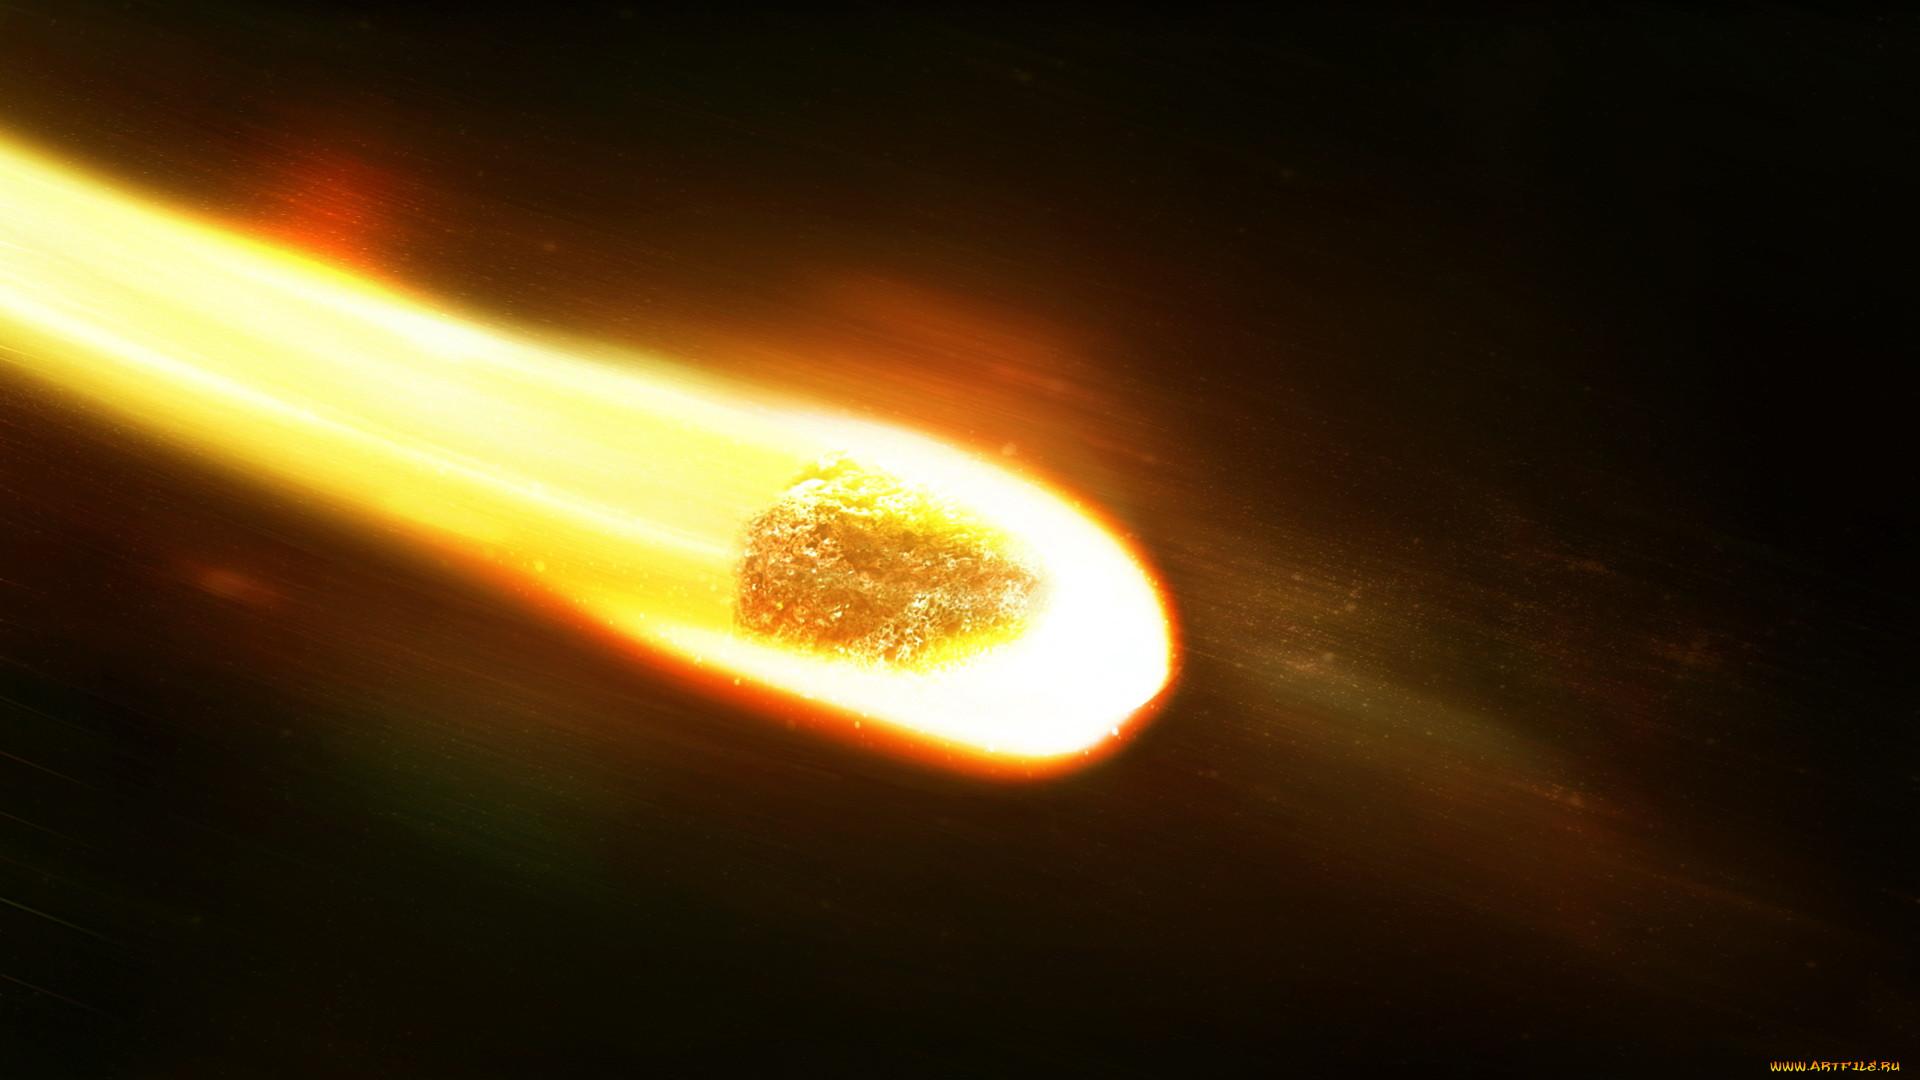 След кометы картинка